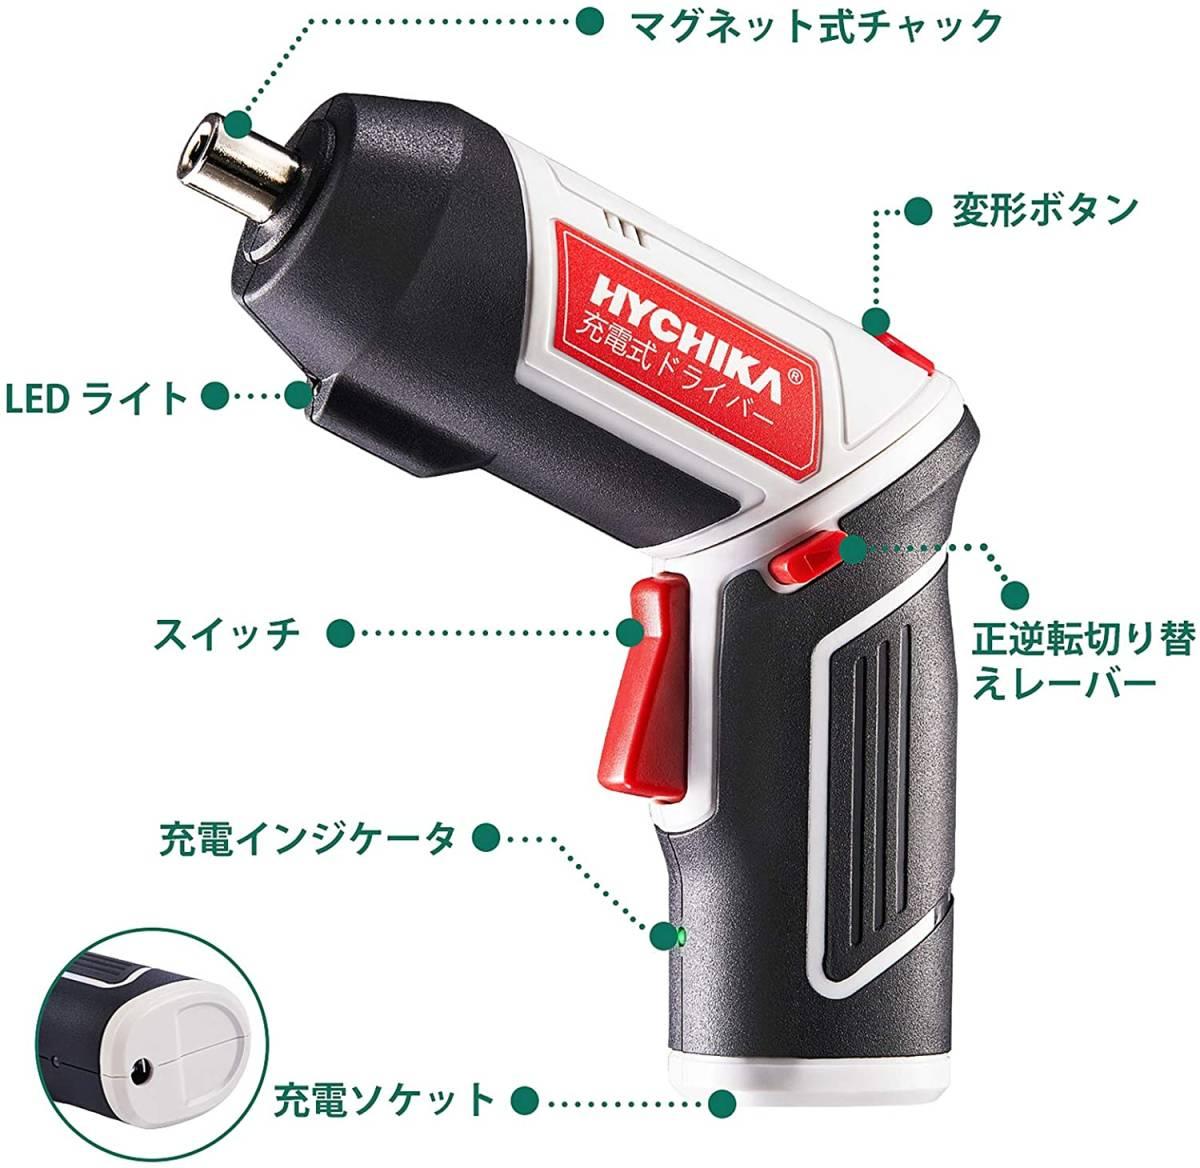 電動ドライバー HYCHIKA(ハイチカ) 充電式ドライバーセット トルク6Nm 3.6V2.0Ah大容量 正逆転切り替え LEDライト 充電器付き 20本ビット_画像3